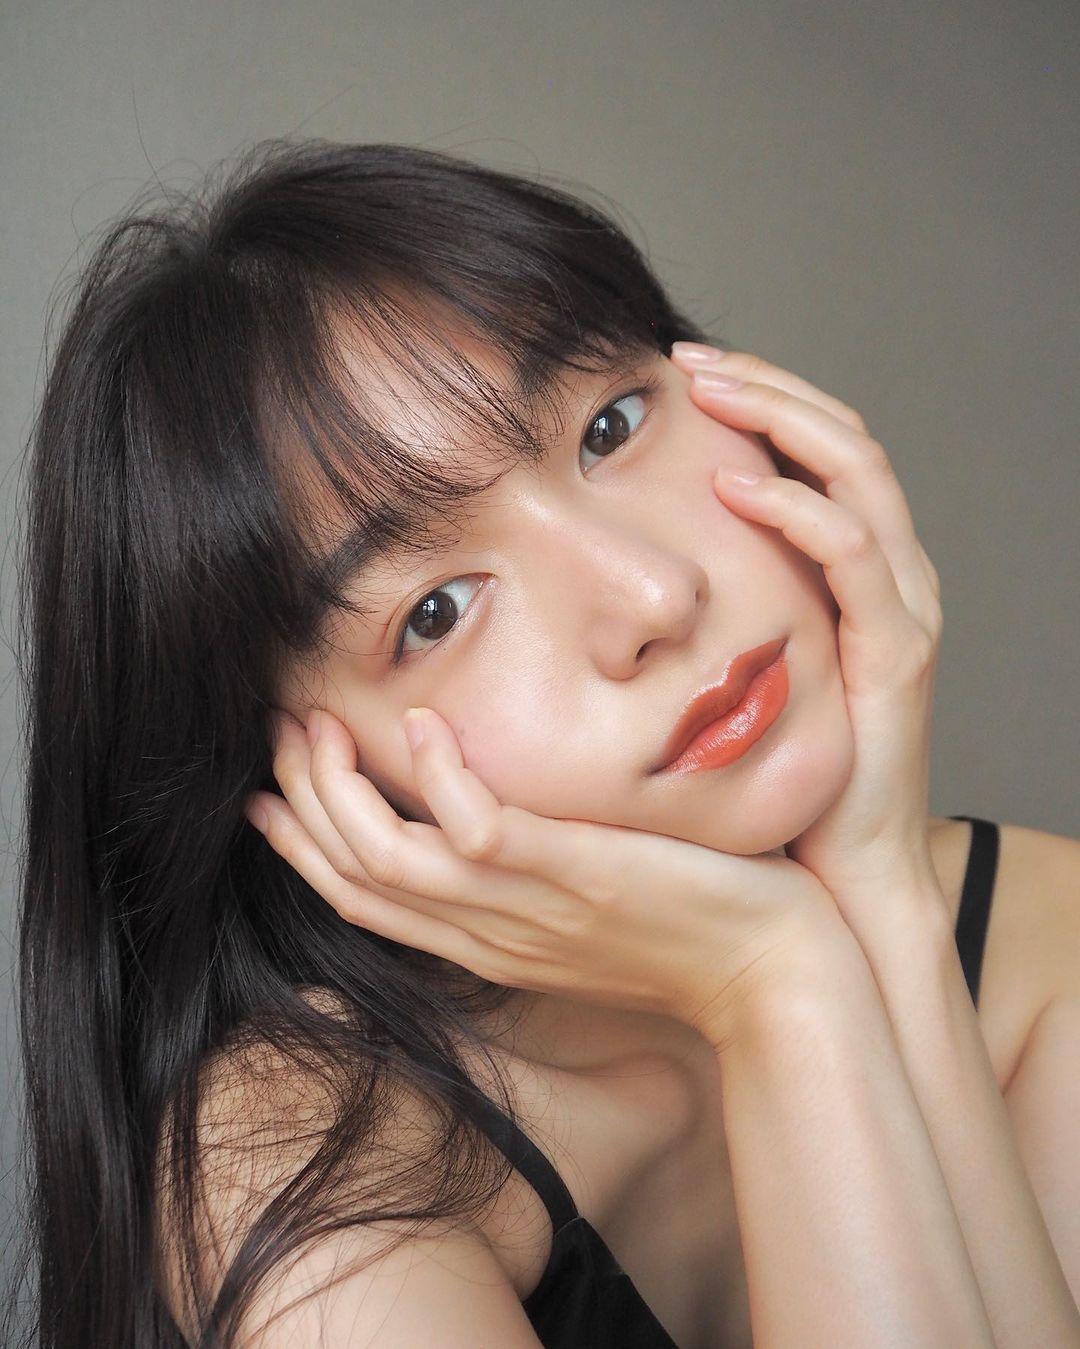 """Để da căng mướt gấp 10 lần bình thường, phụ nữ Nhật có thêm chiêu """"chườm dầu"""" chuyên được dùng trong mùa lạnh - Ảnh 3."""